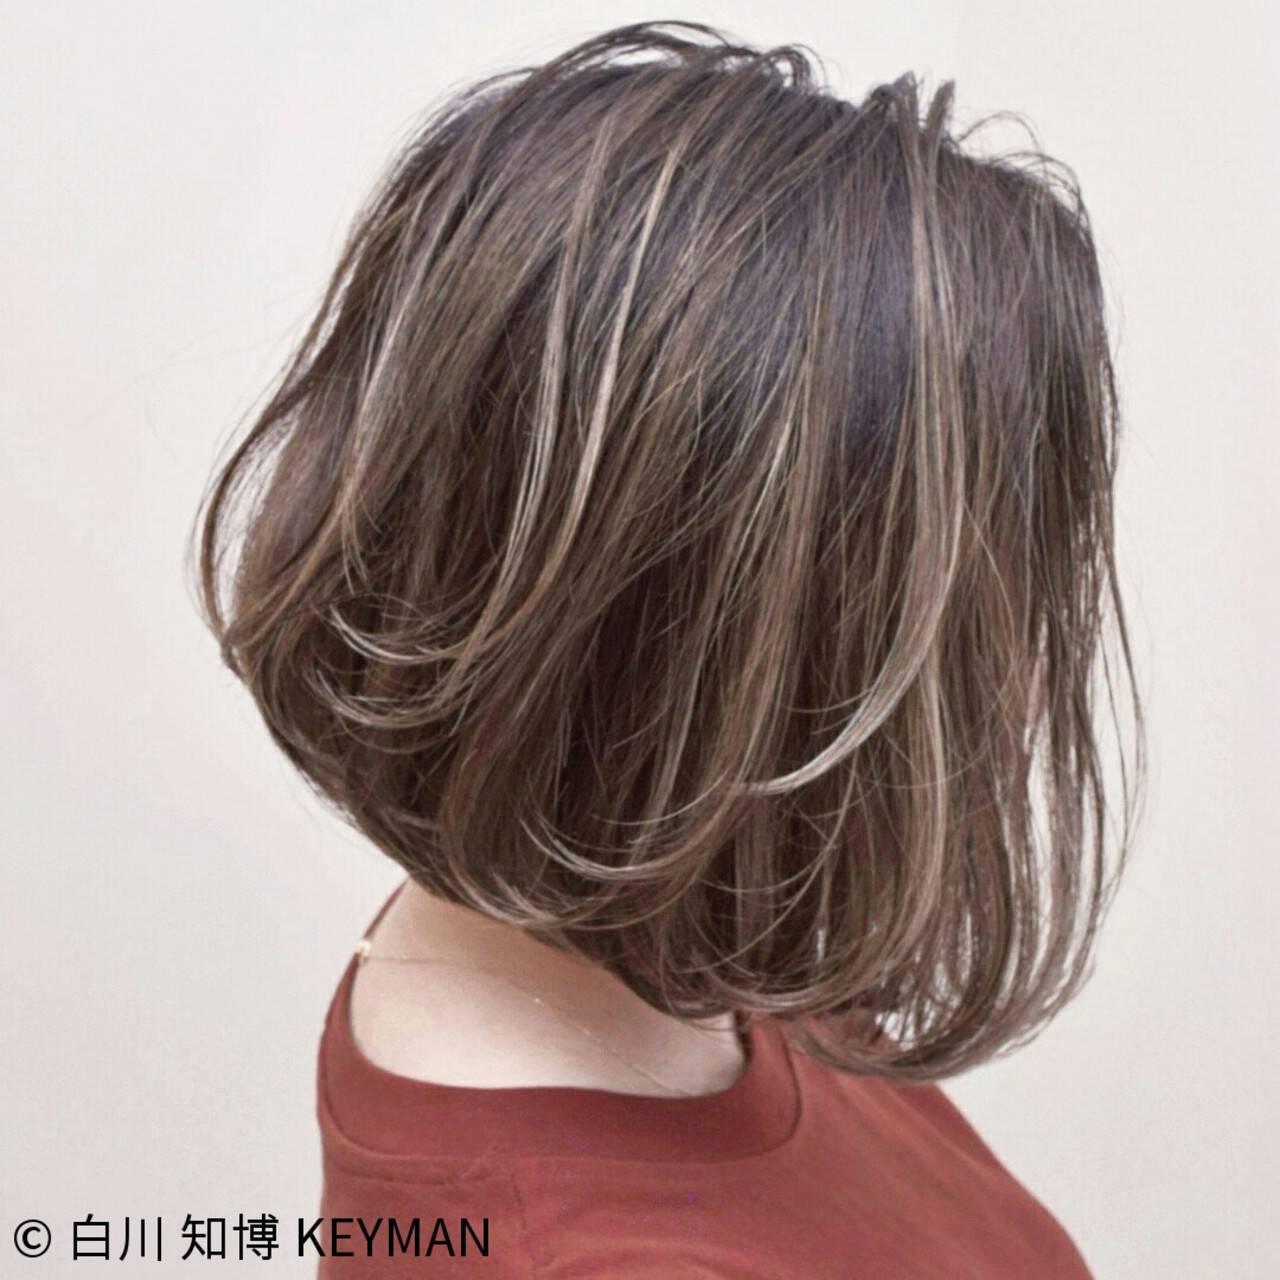 ボブ バレイヤージュ 簡単ヘアアレンジ アンニュイヘアスタイルや髪型の写真・画像